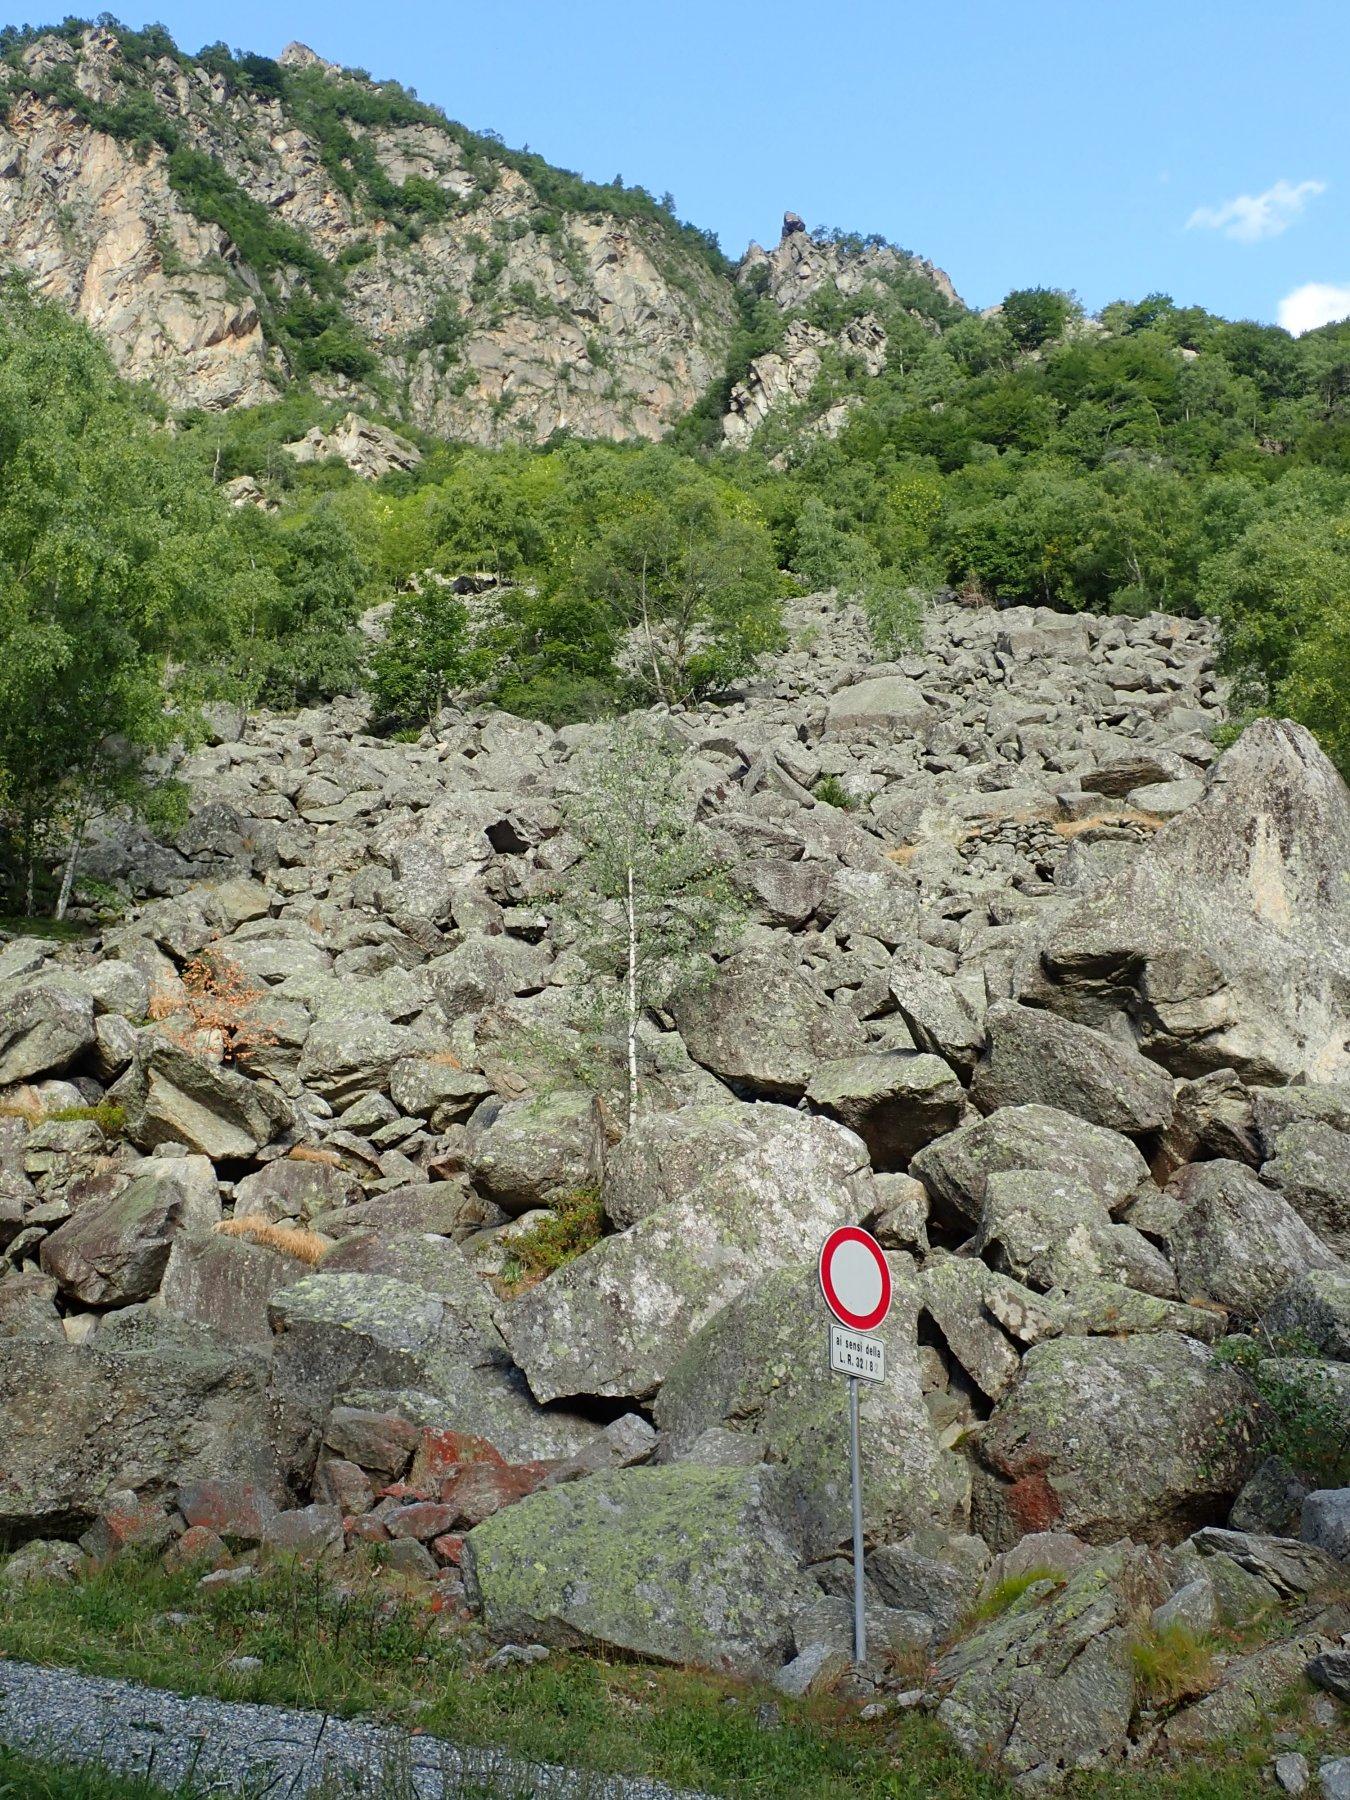 pietraia di partenza, all'inizio del sentiero per Sea. Si vede bene torrione in alto dove corre la via.